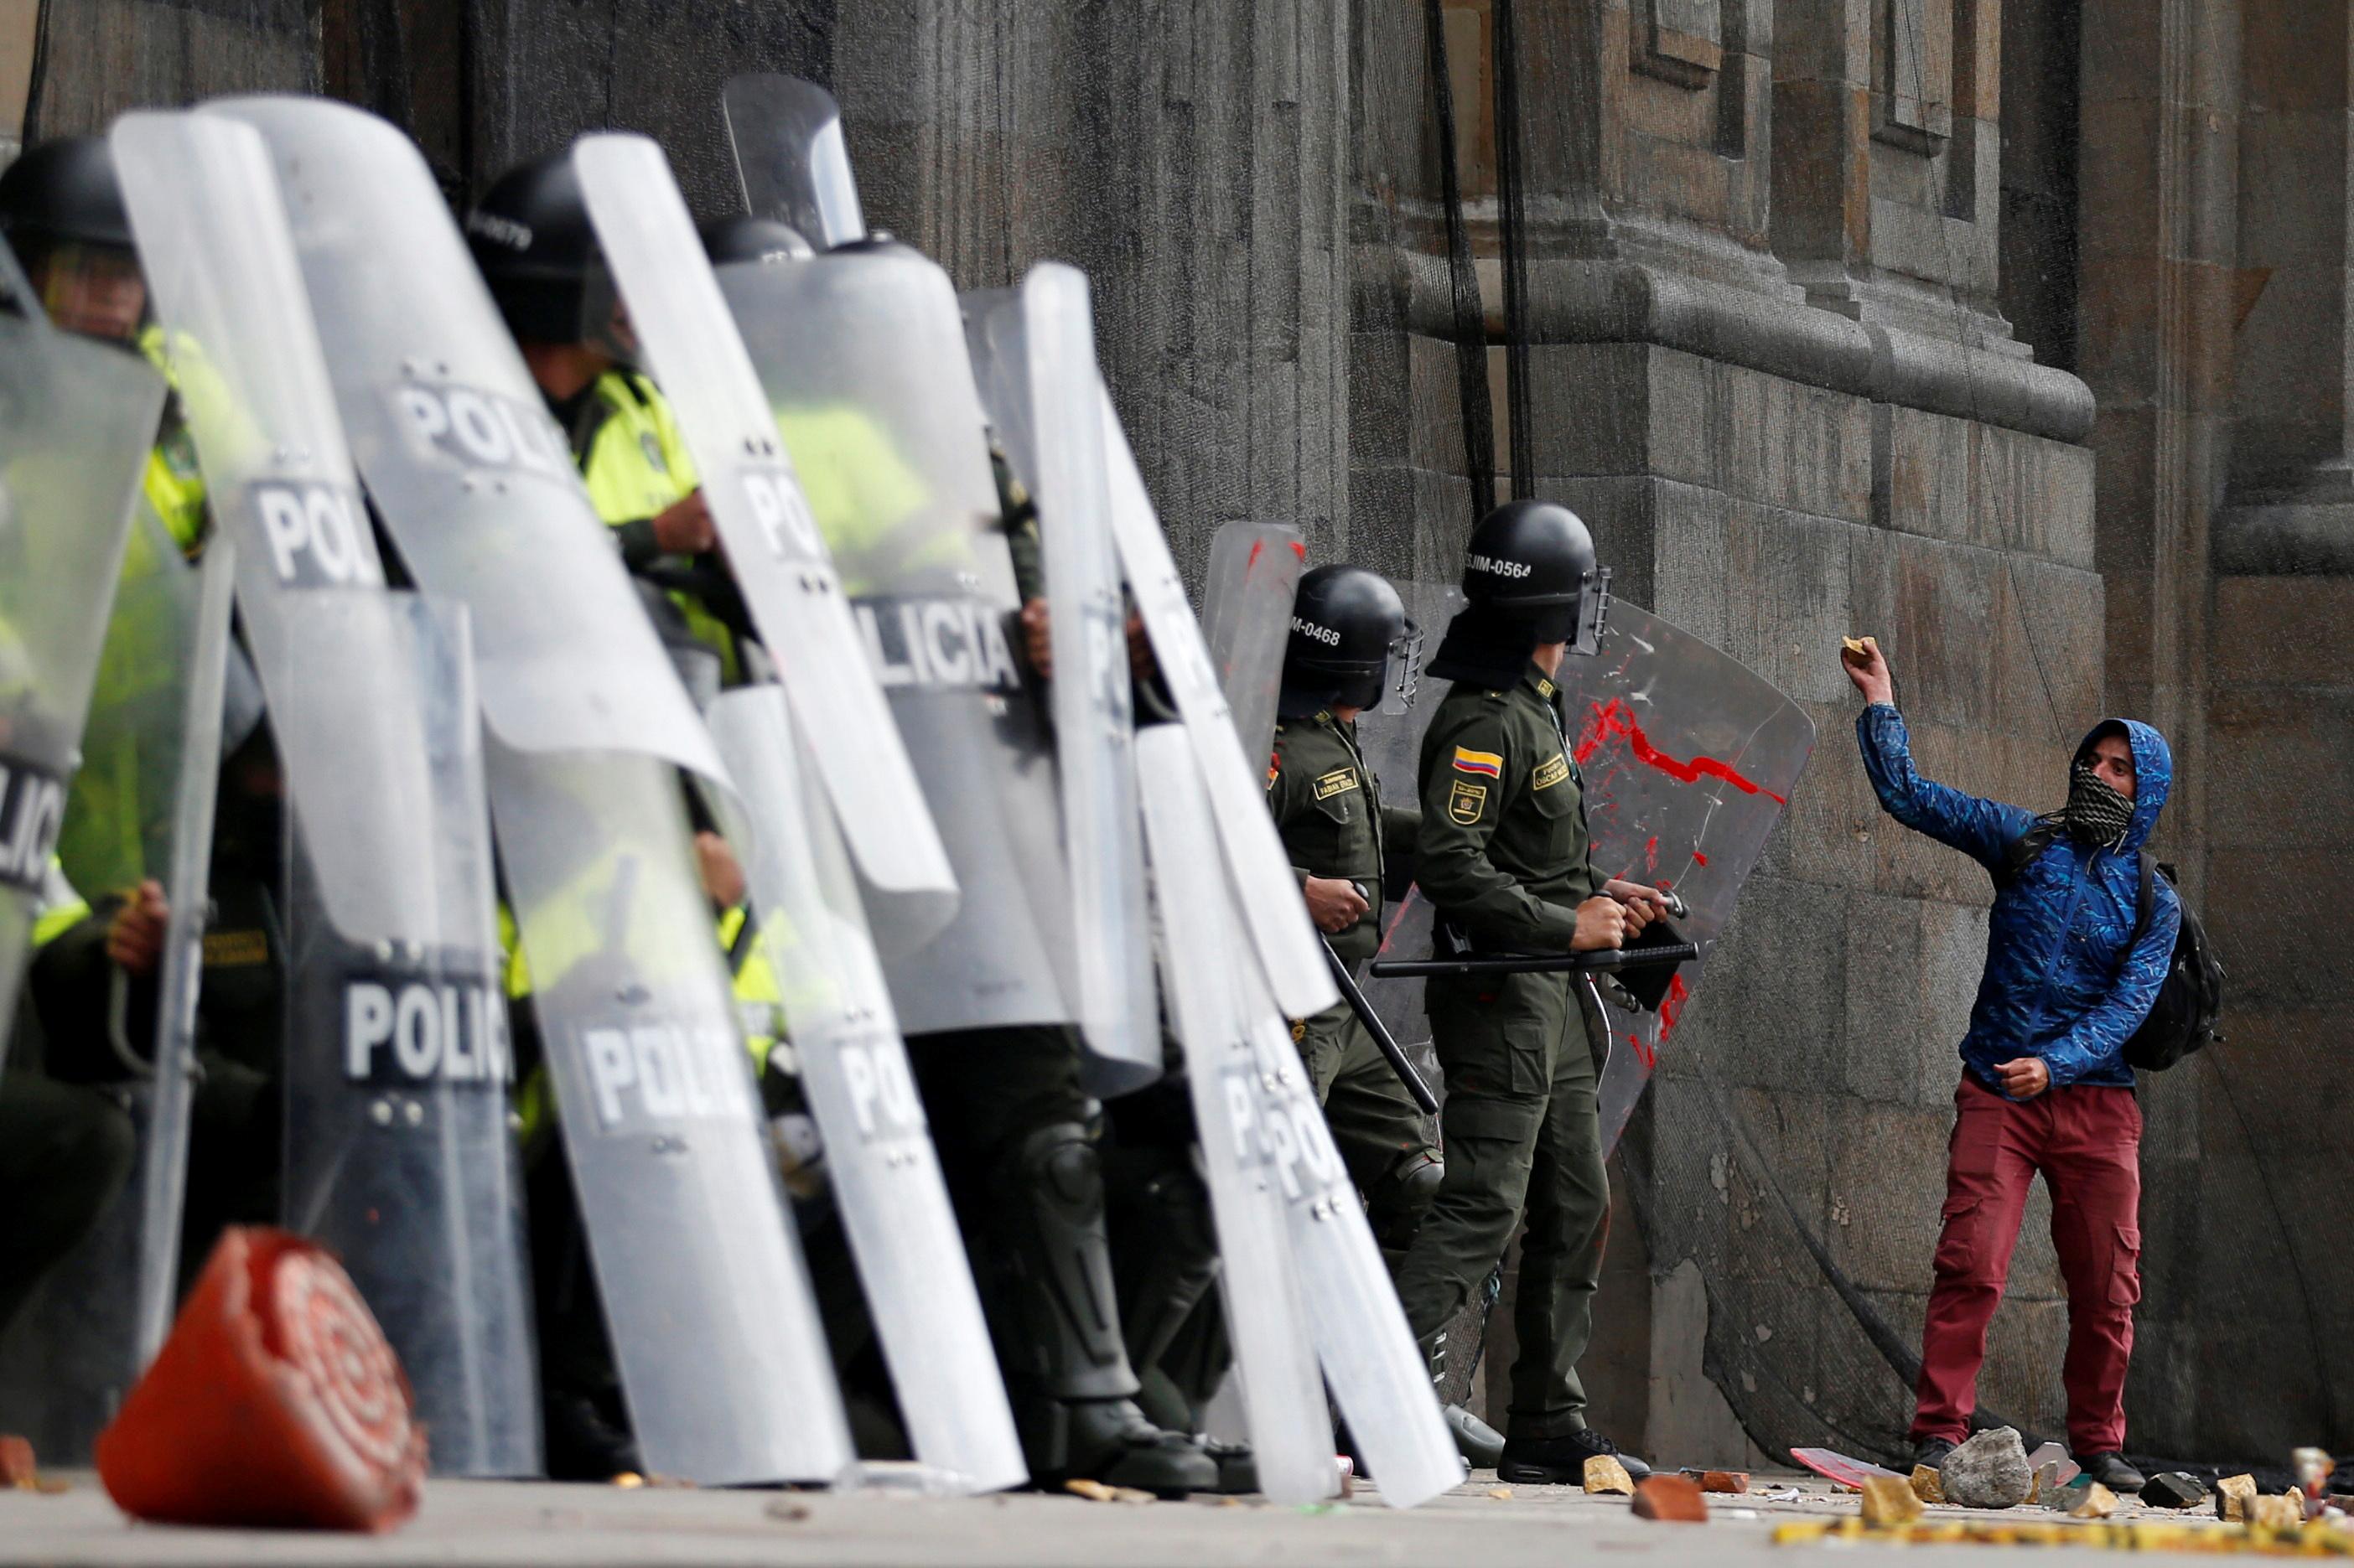 1542469-جانب-من-الاحتجاجات-والعنف-فى-كولومبيا-(5)